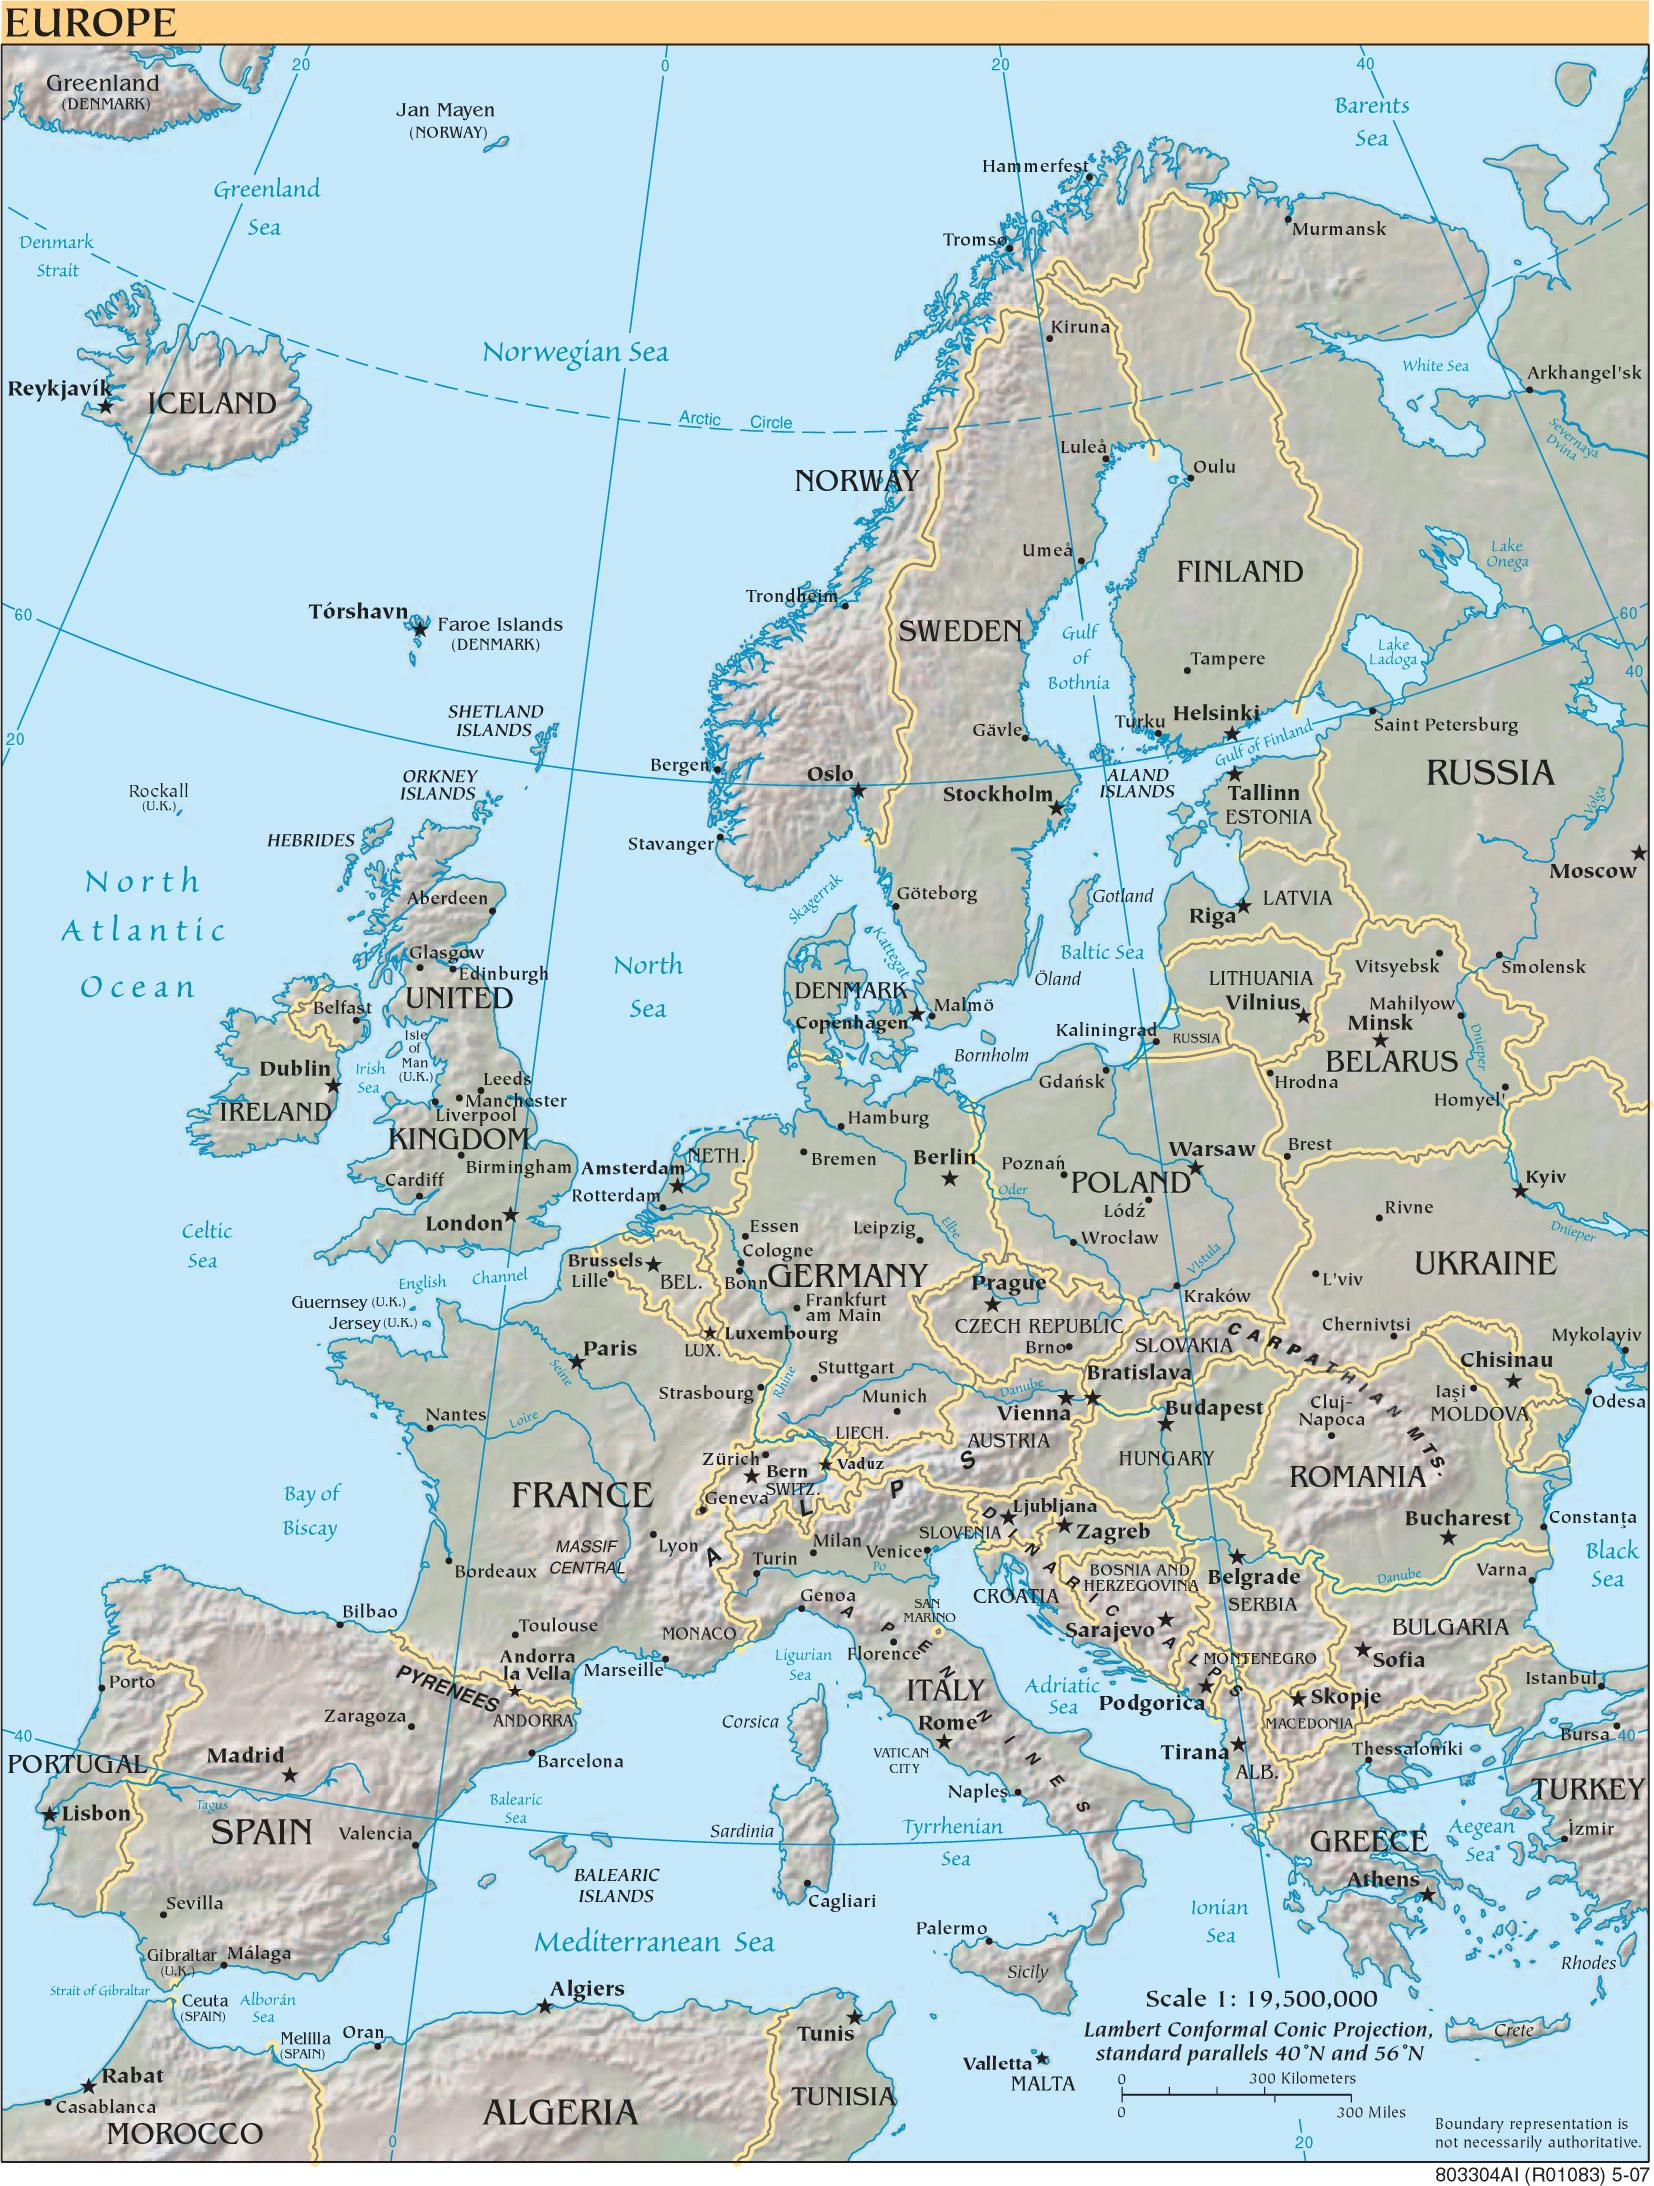 Landkarte Europa - Landkarten Download -> Europakarte ganzes Europakarte Zum Ausdrucken